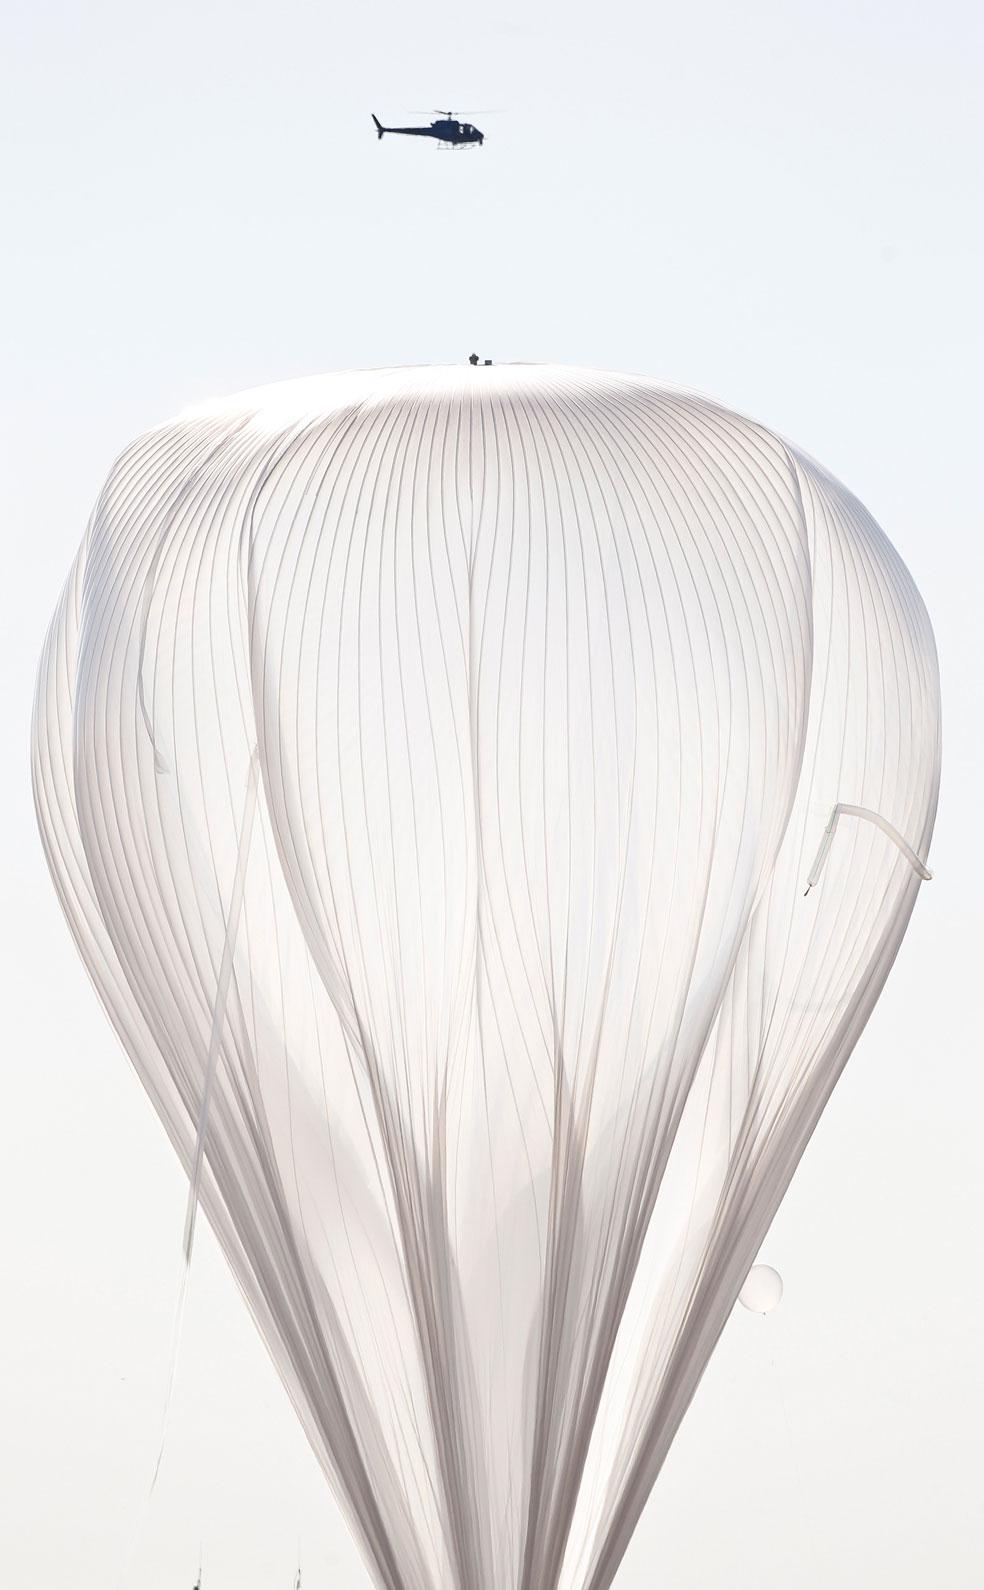 огромный воздушный шар, фото